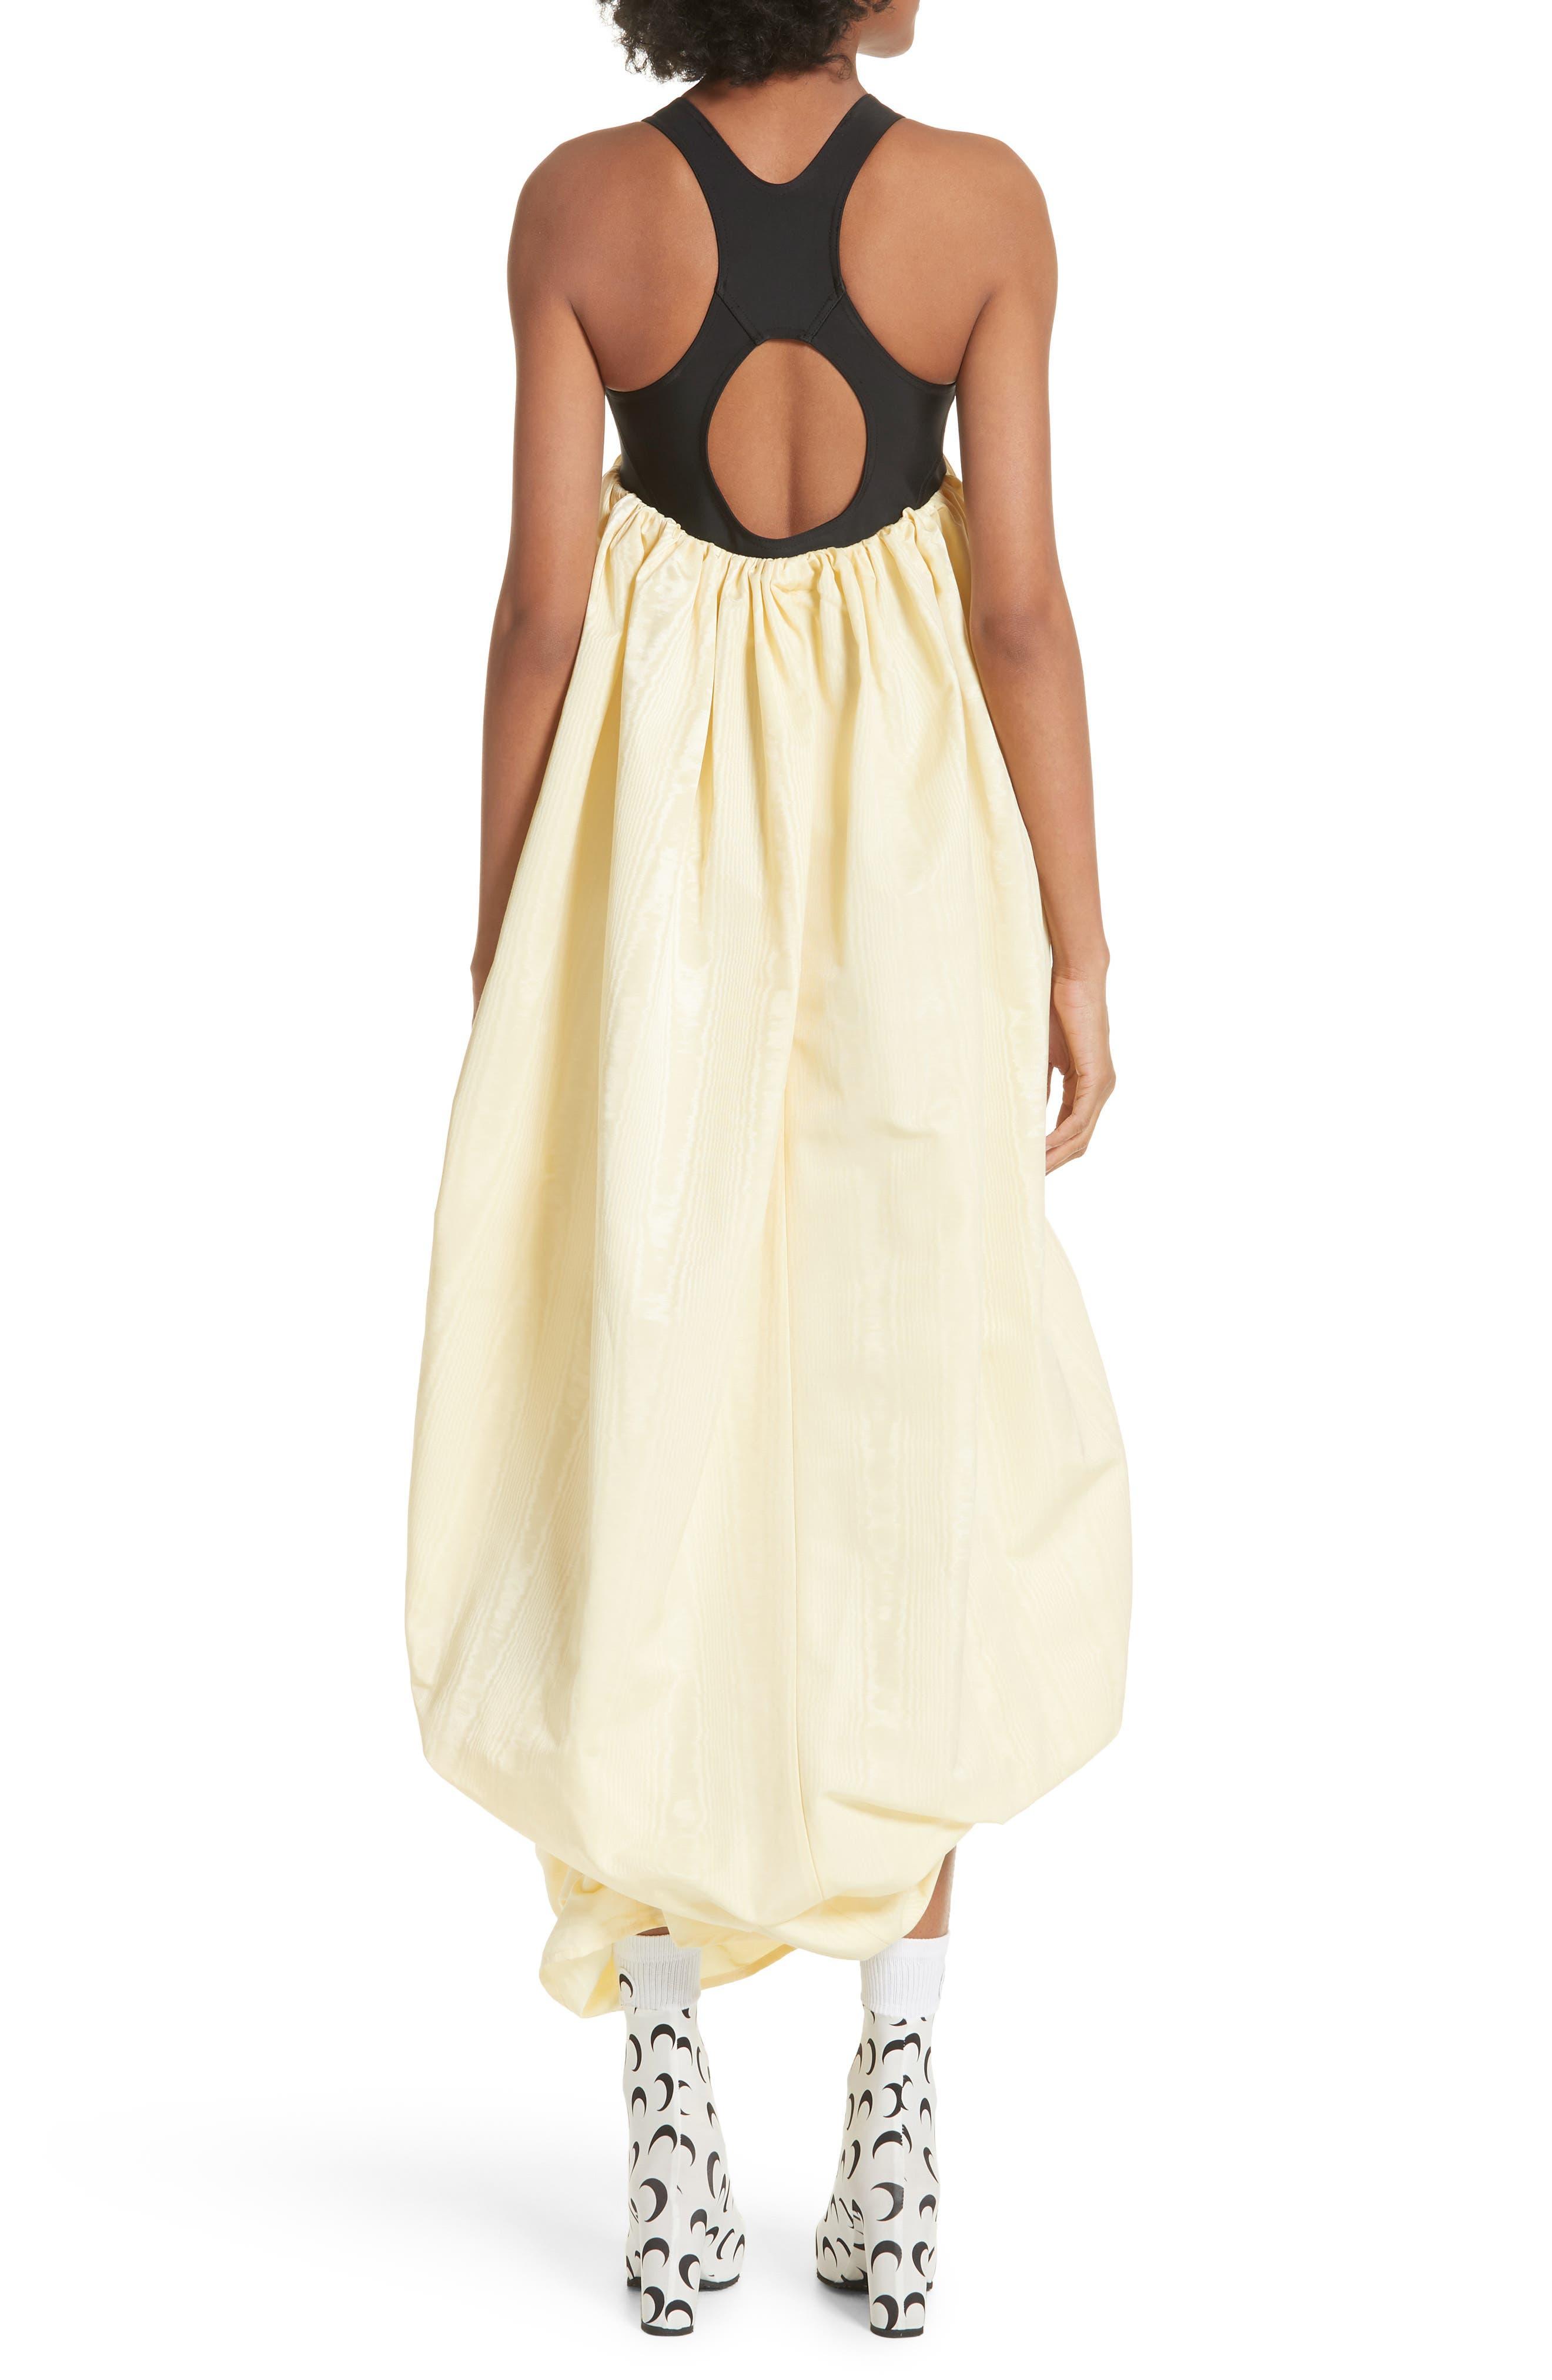 Hybrid Ball Dress,                             Alternate thumbnail 2, color,                             700